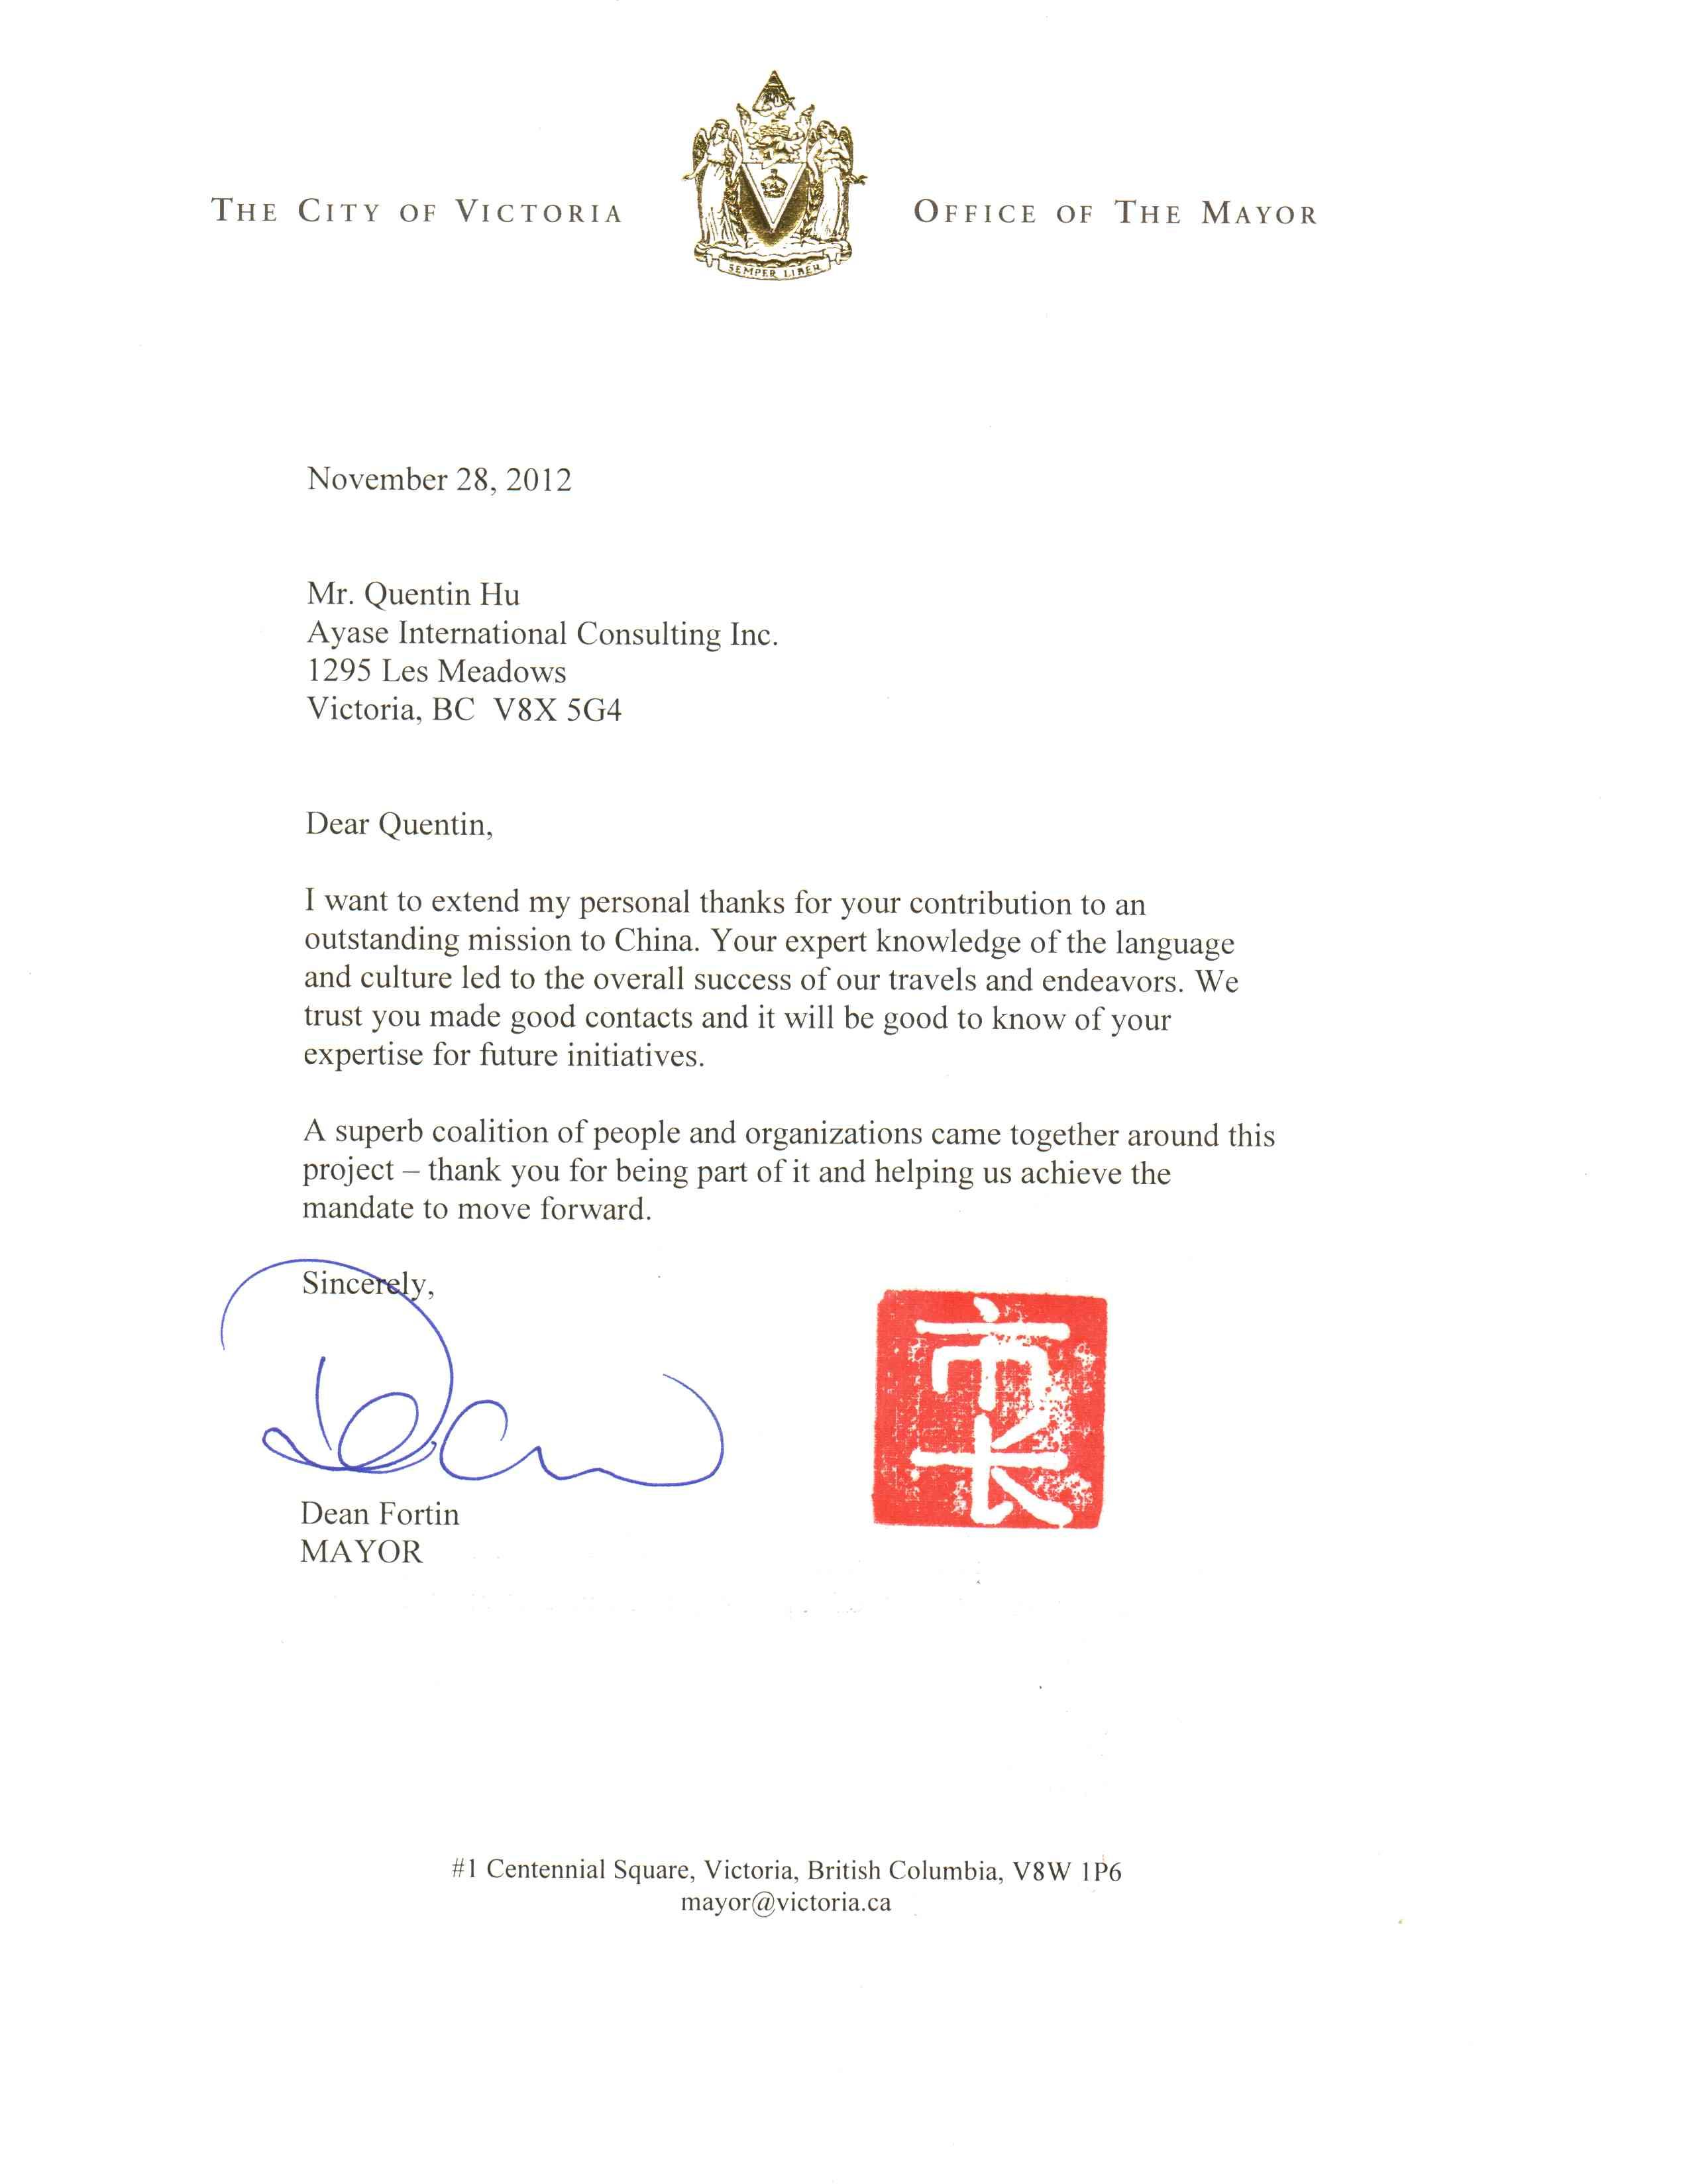 恭賀Victoria市长 Mr. Dean Fortin 2012年10月 访华成功